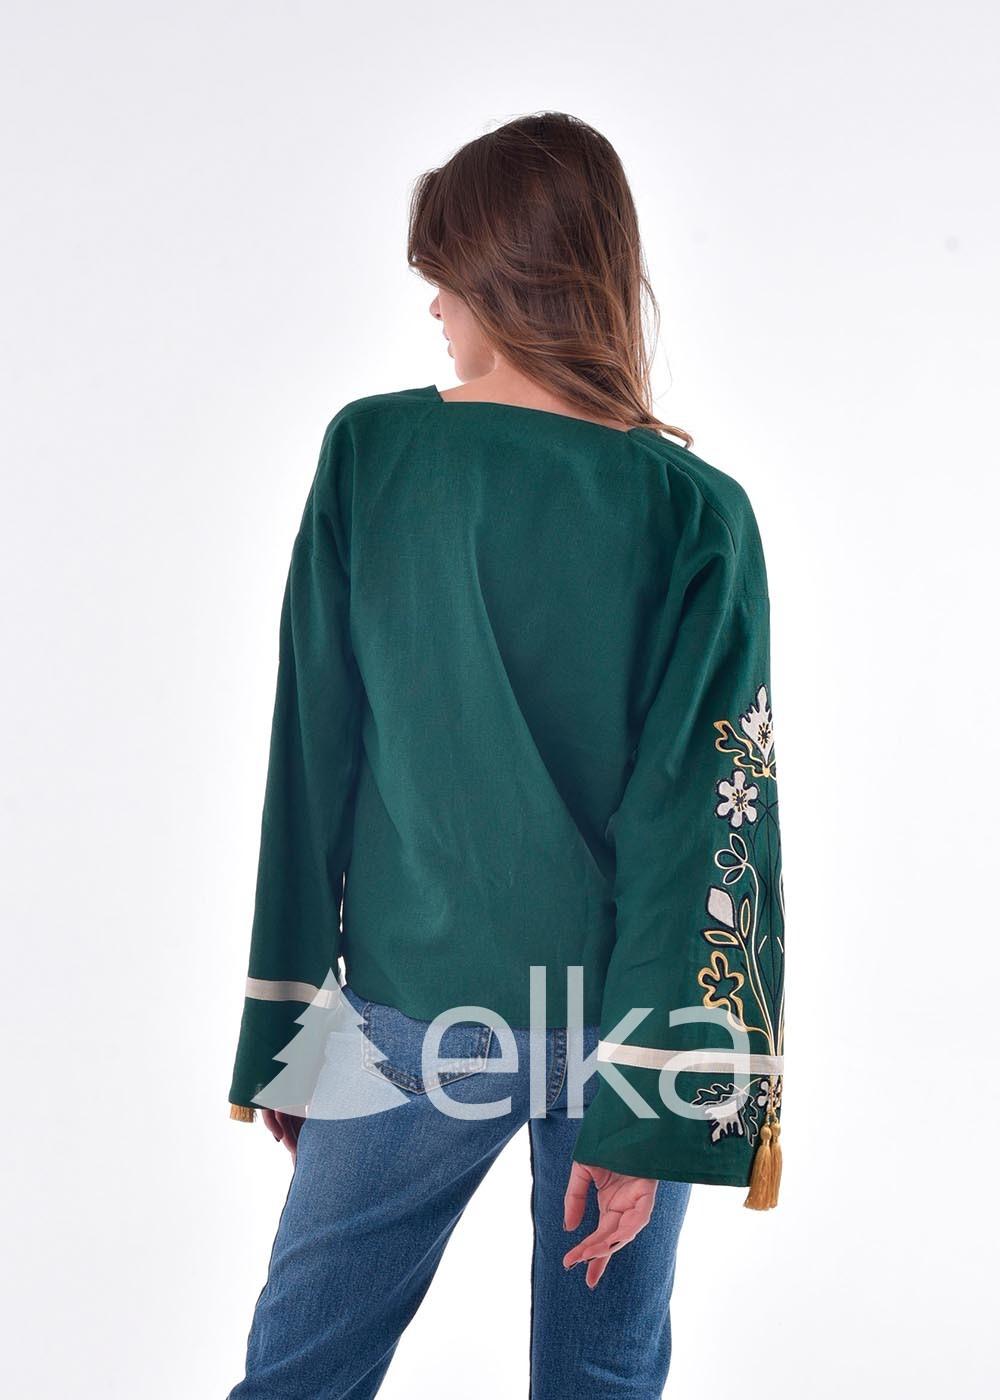 Вышиванка женская темно-зеленая